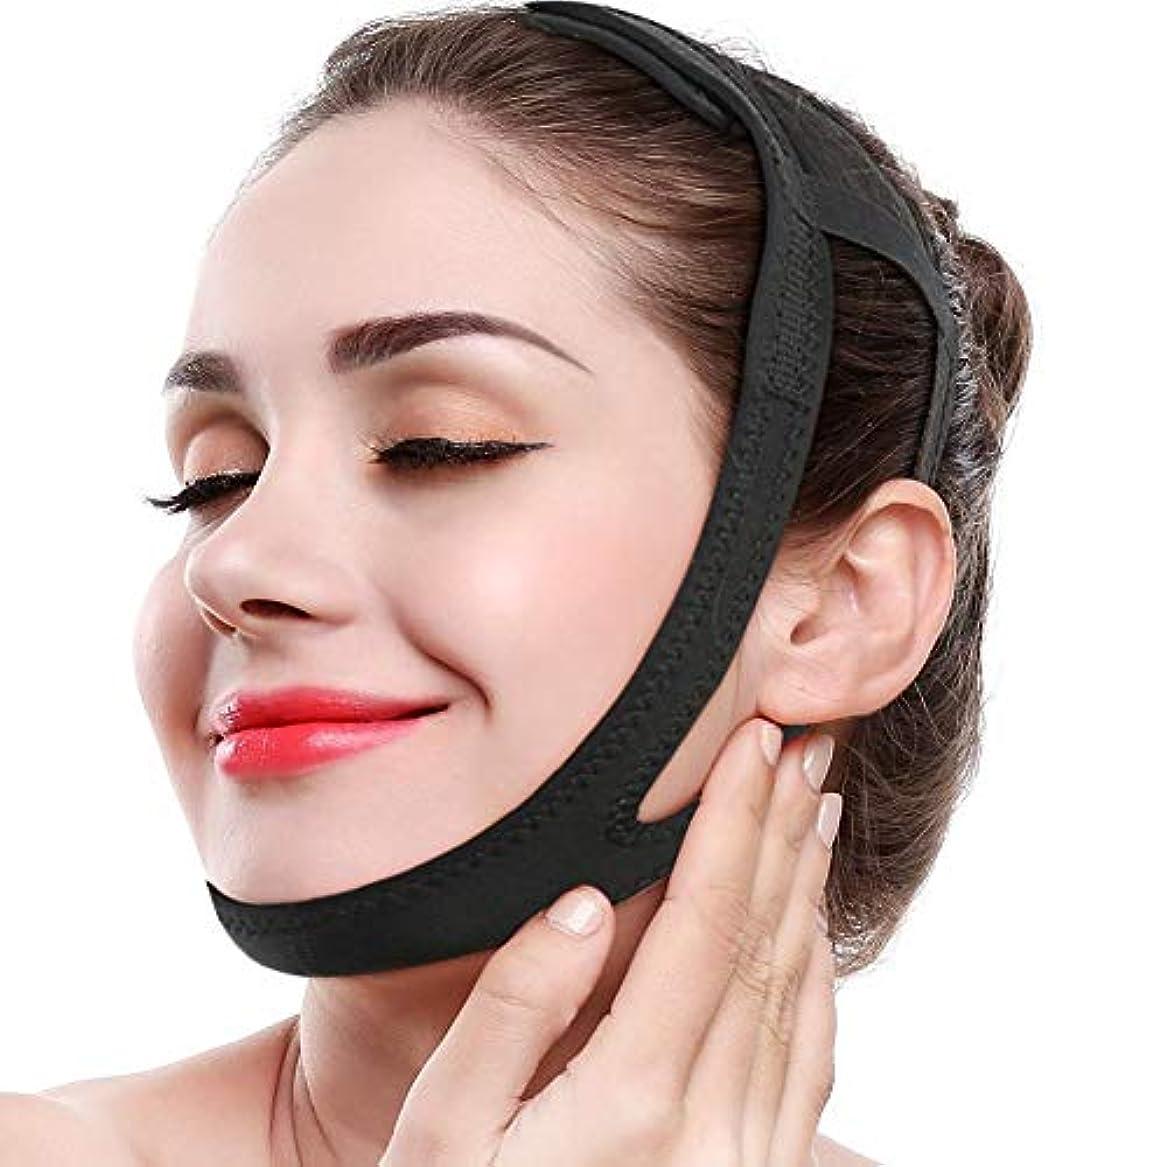 発生する目覚めるエイズ顔の細くの薄い表面マスク、持ち上がる表面ベルトは顔の包帯のための二重あごの引き締まった肌の抵抗の形のVライン減量を減らします